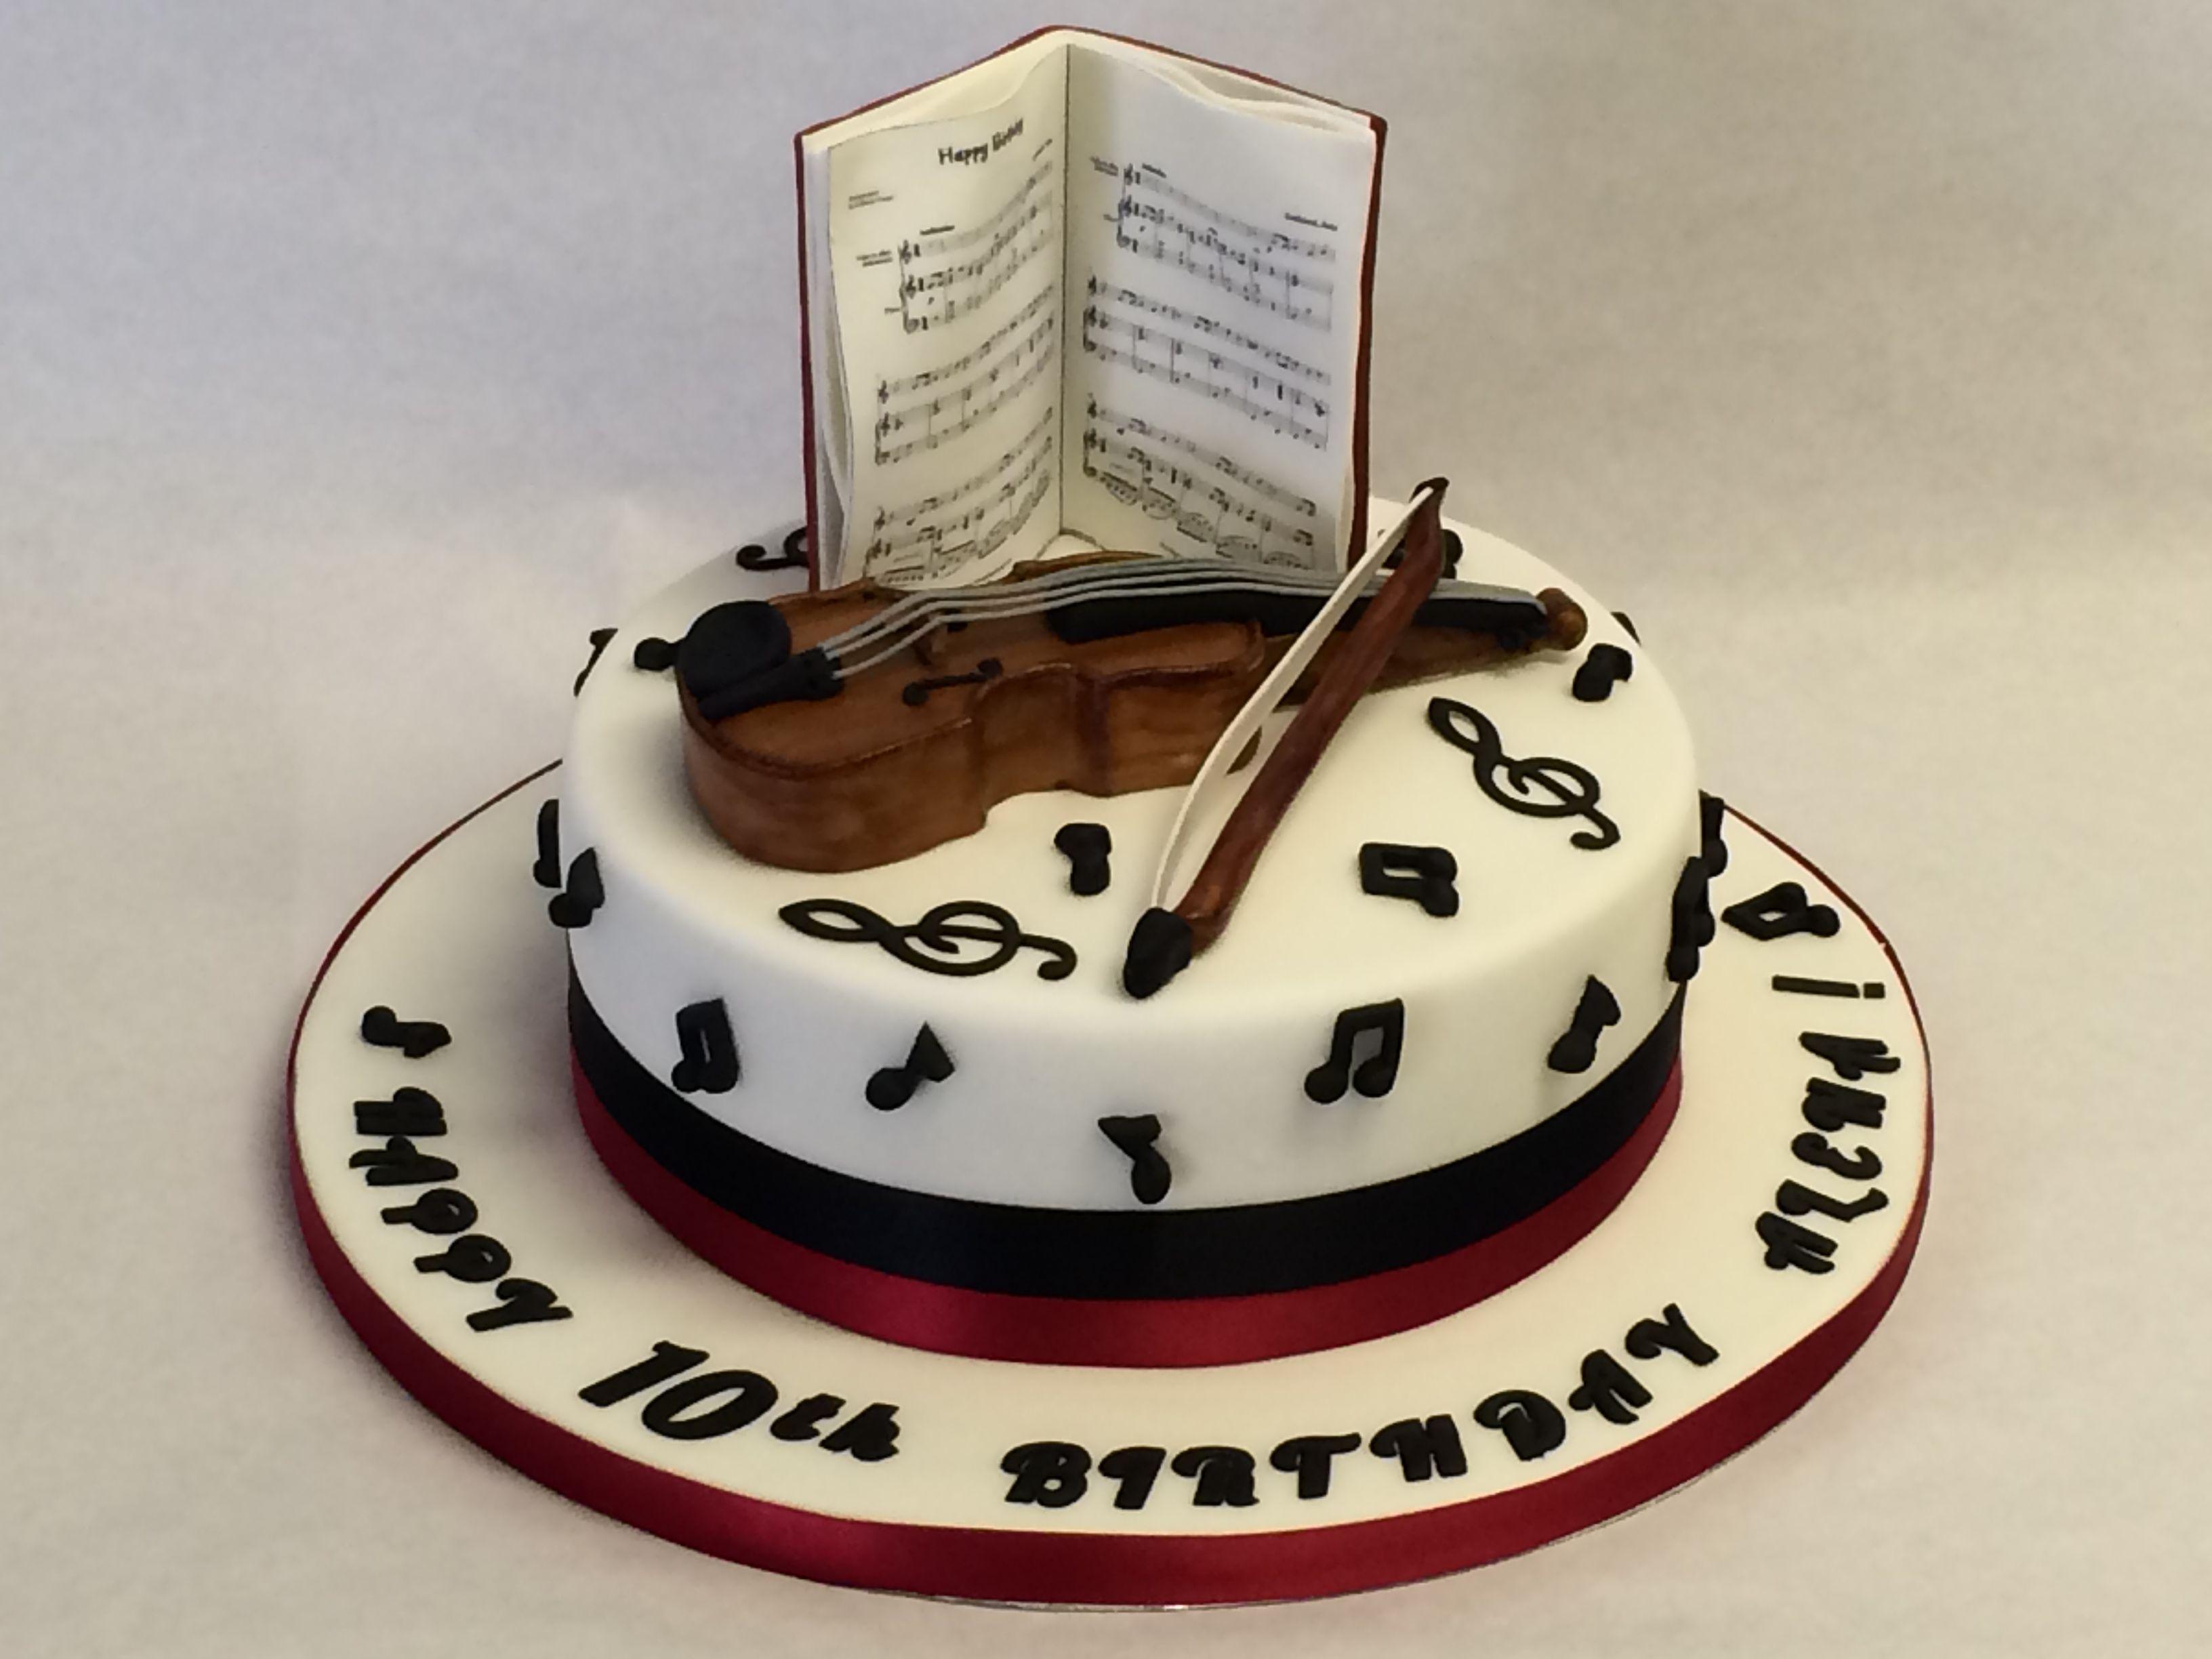 Открытка с днем рождения тема музыка, обучением